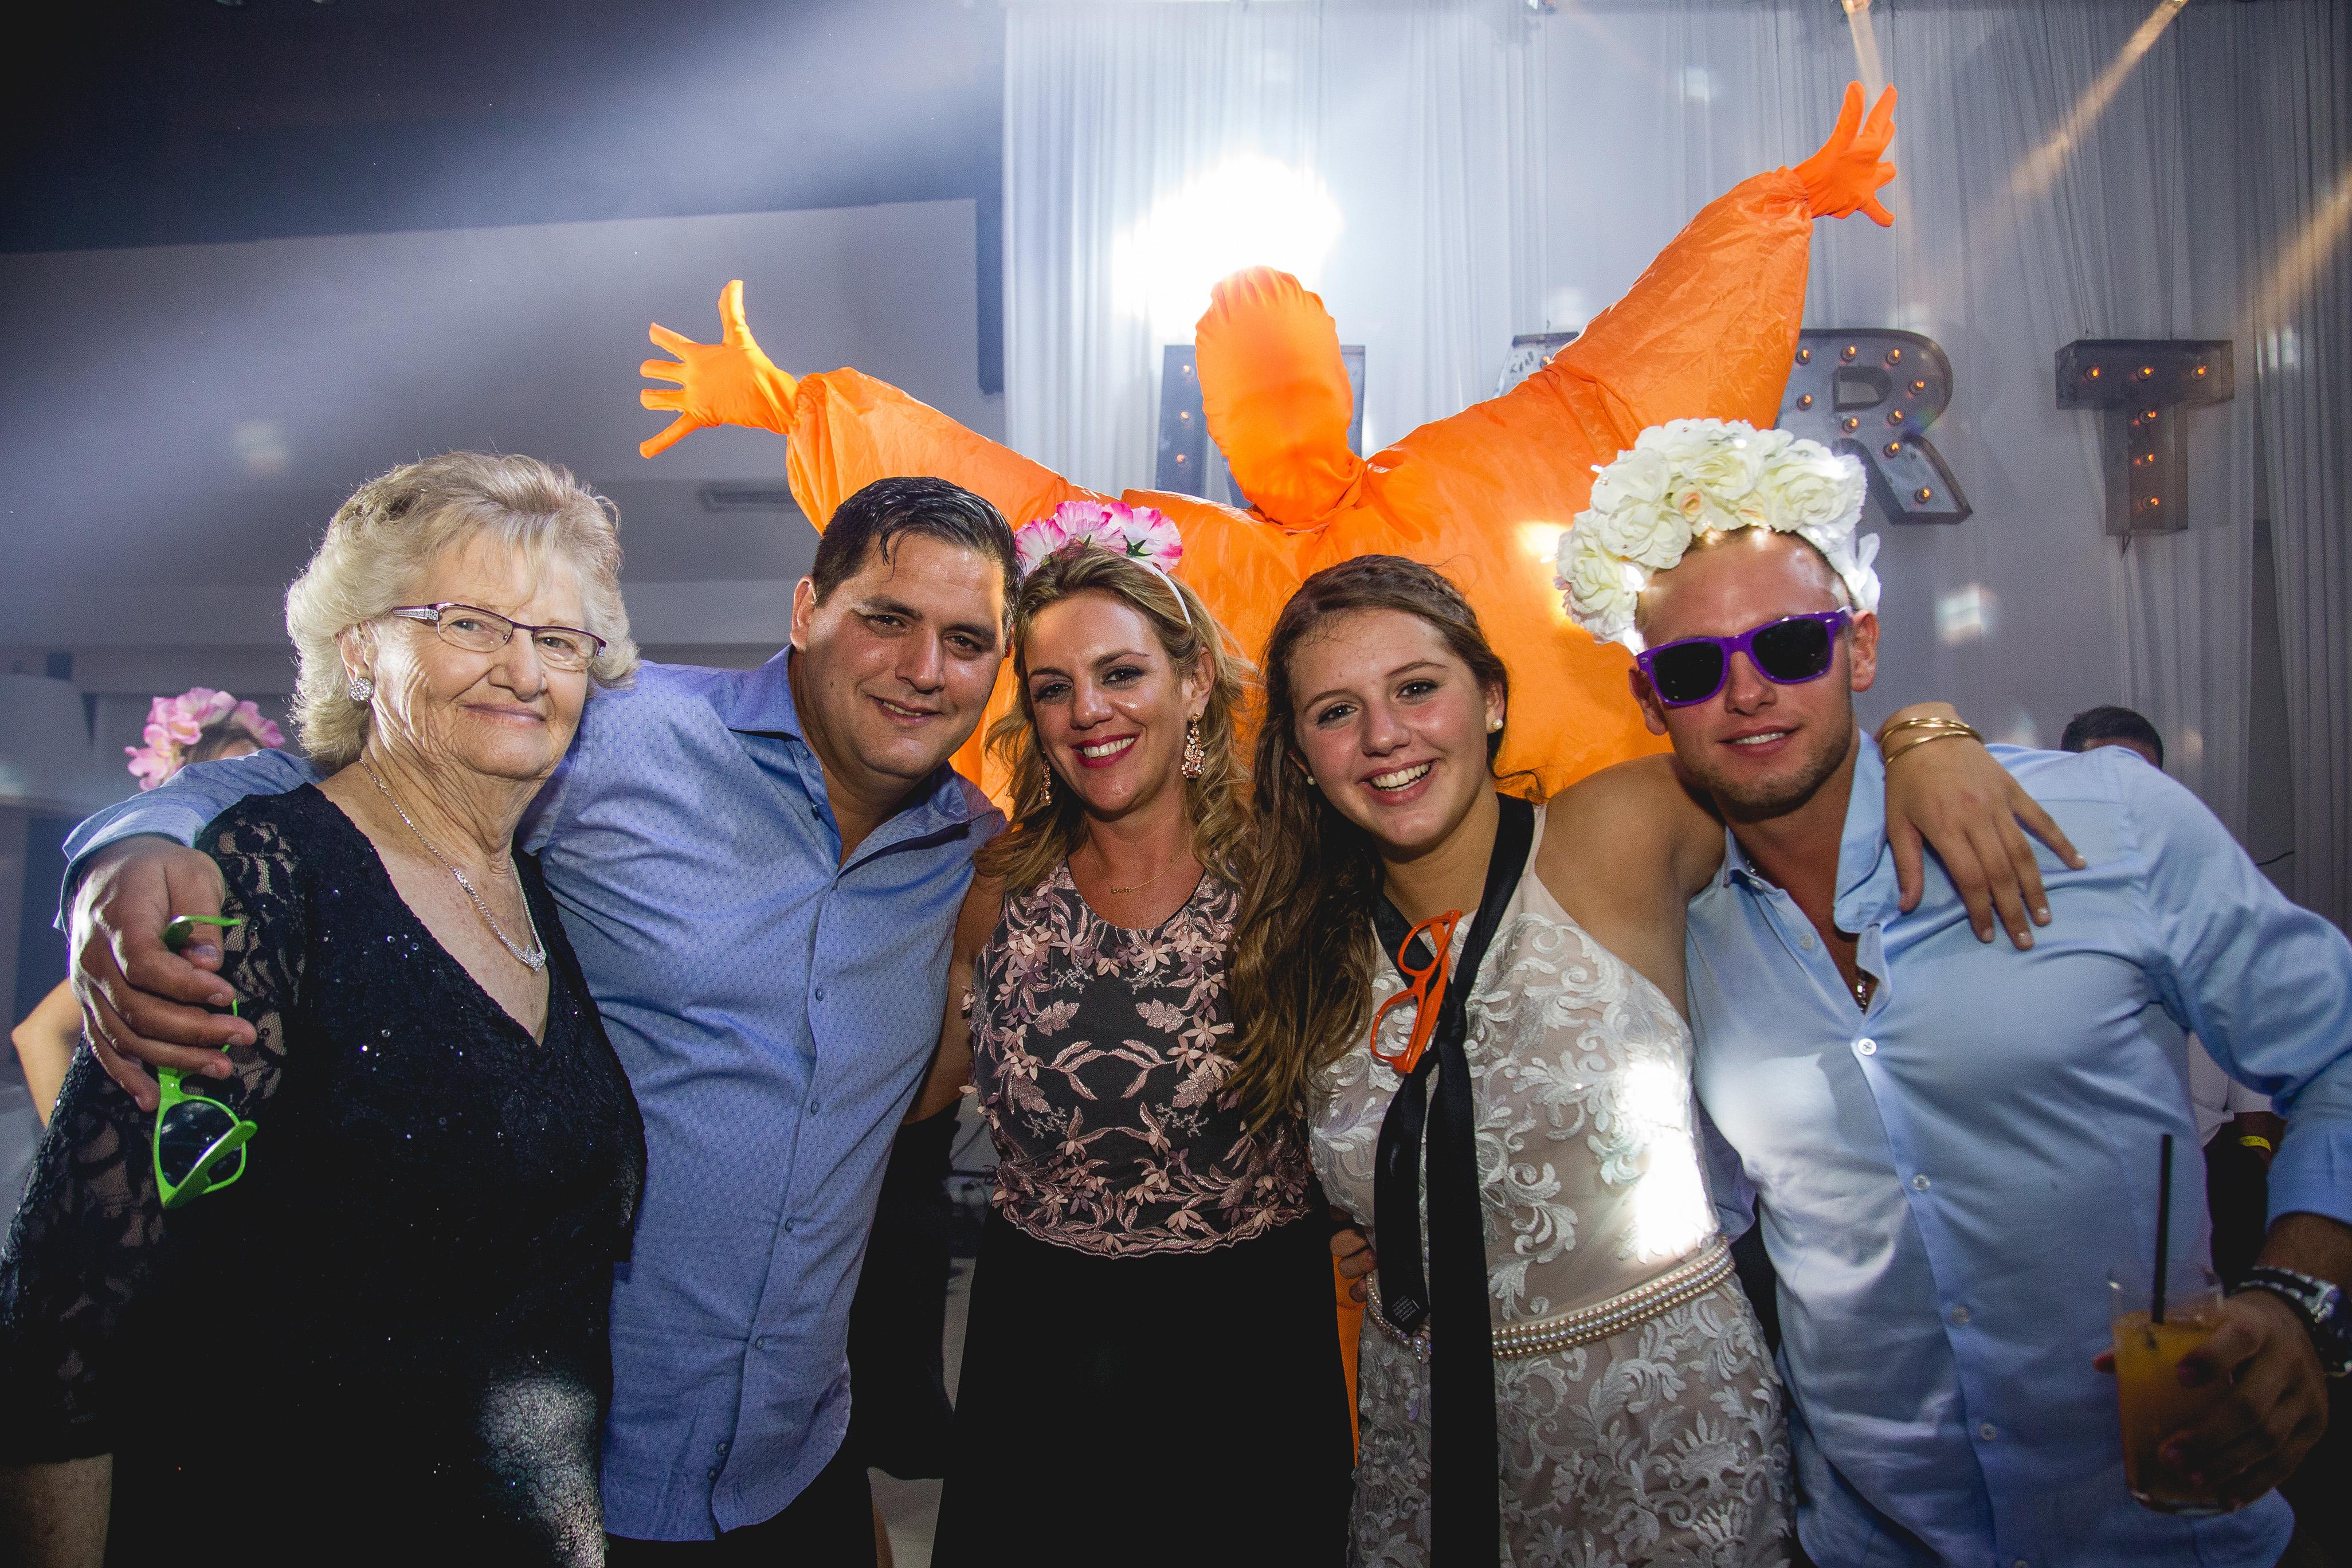 Fotos de la fiesta de XV de Martu en Rosario realizadas por Bucle Fotografias Flor Bosio y Caro Clerici